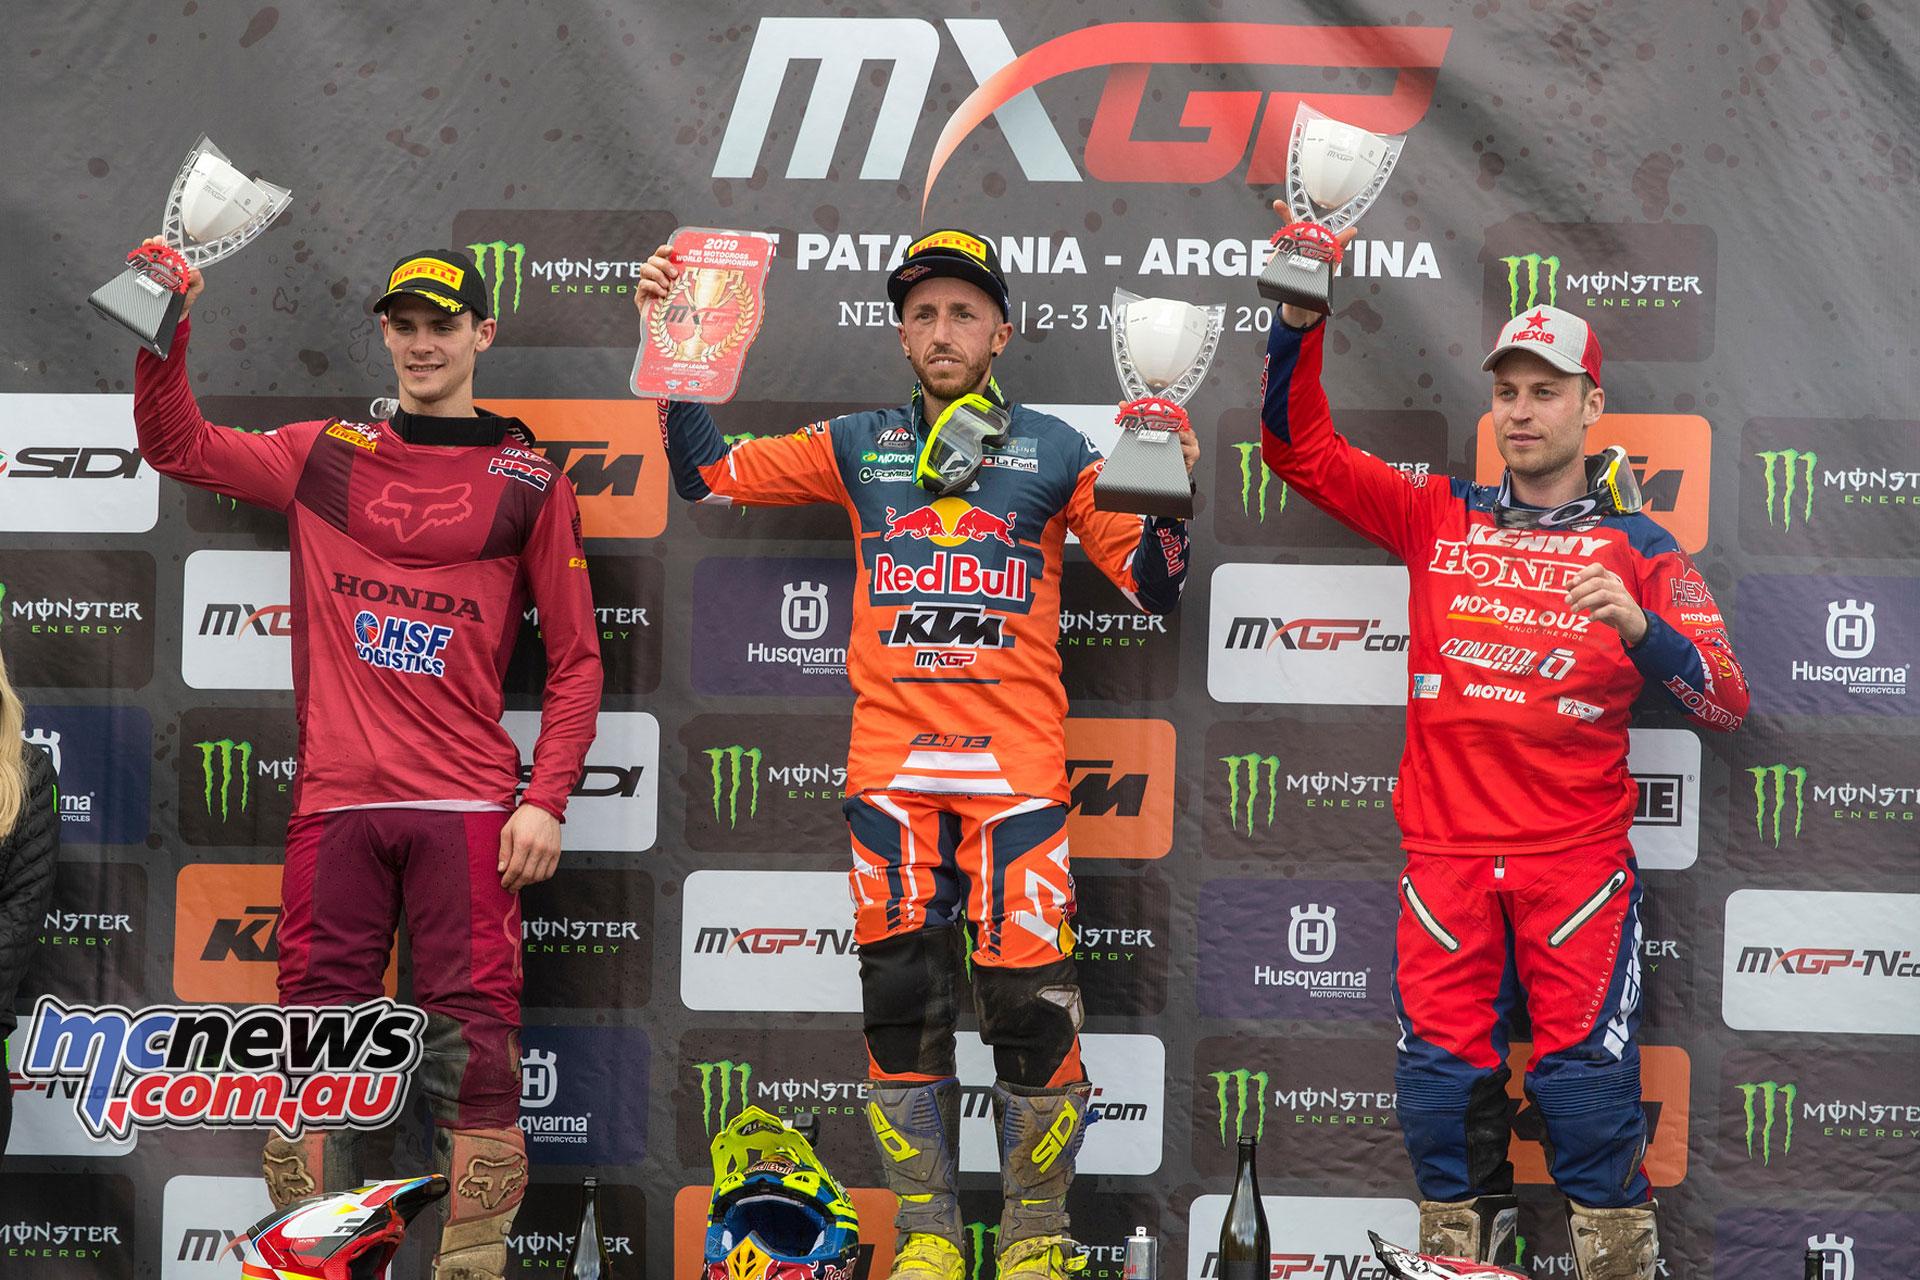 MXGP Rnd Patagonia RA MXGP Podium